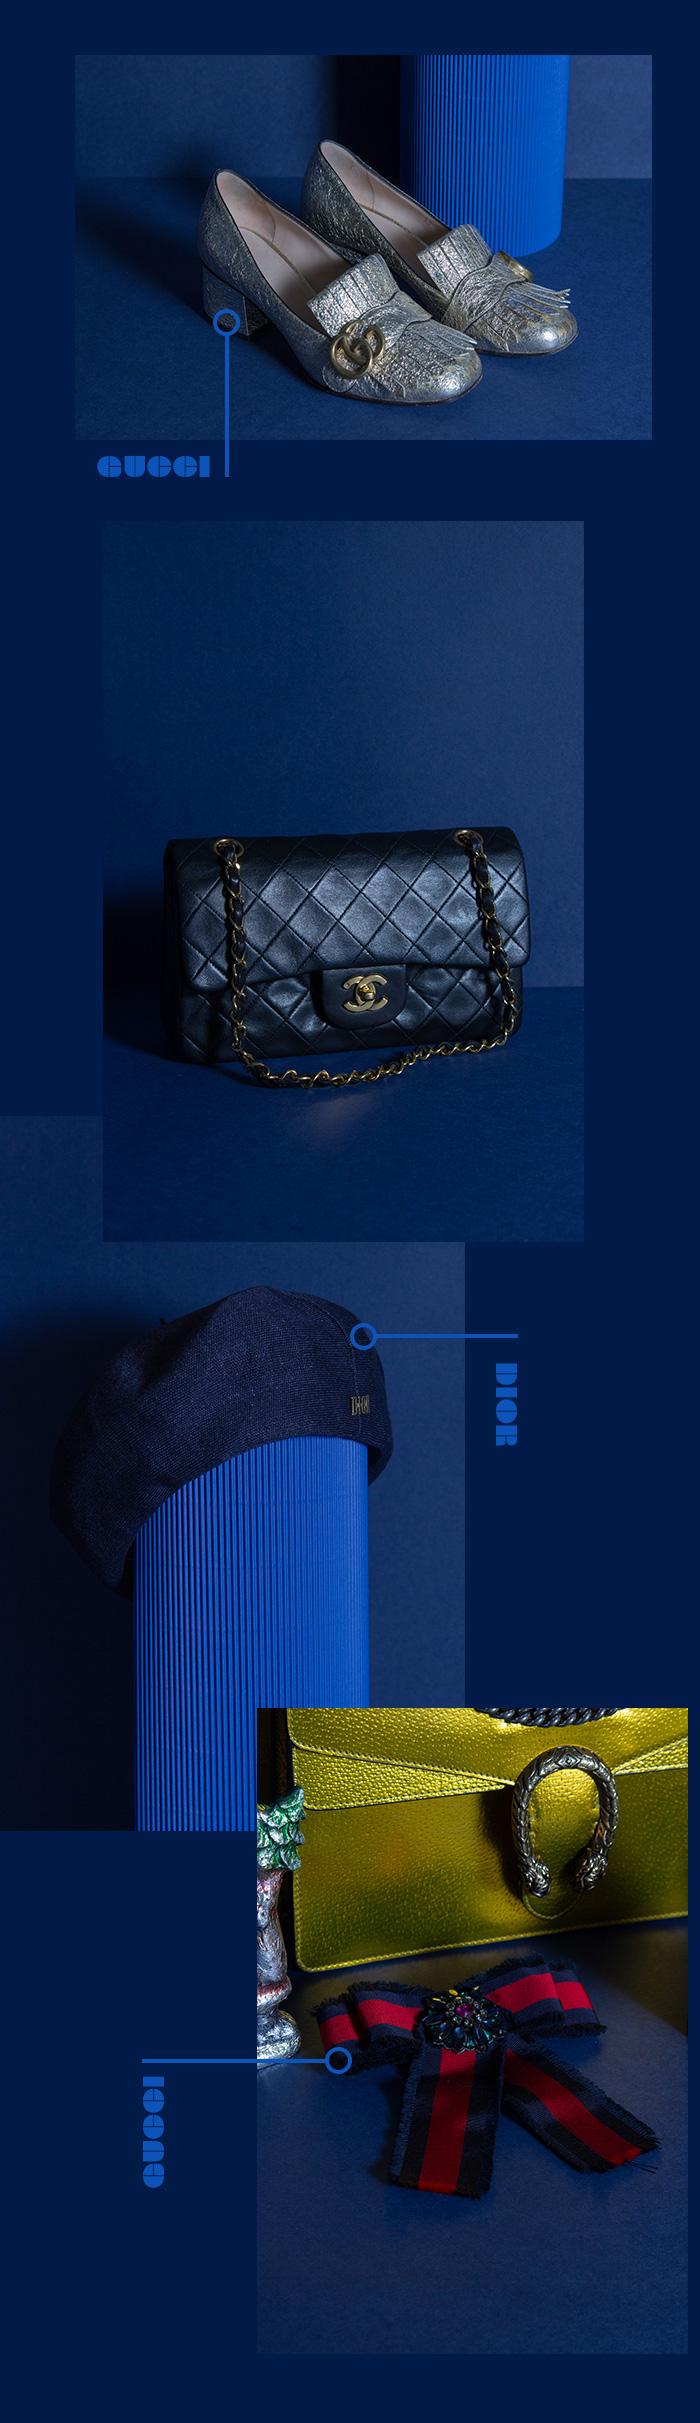 Weihnachtsgeschenke von SECONDELLA - Chanel 2.55